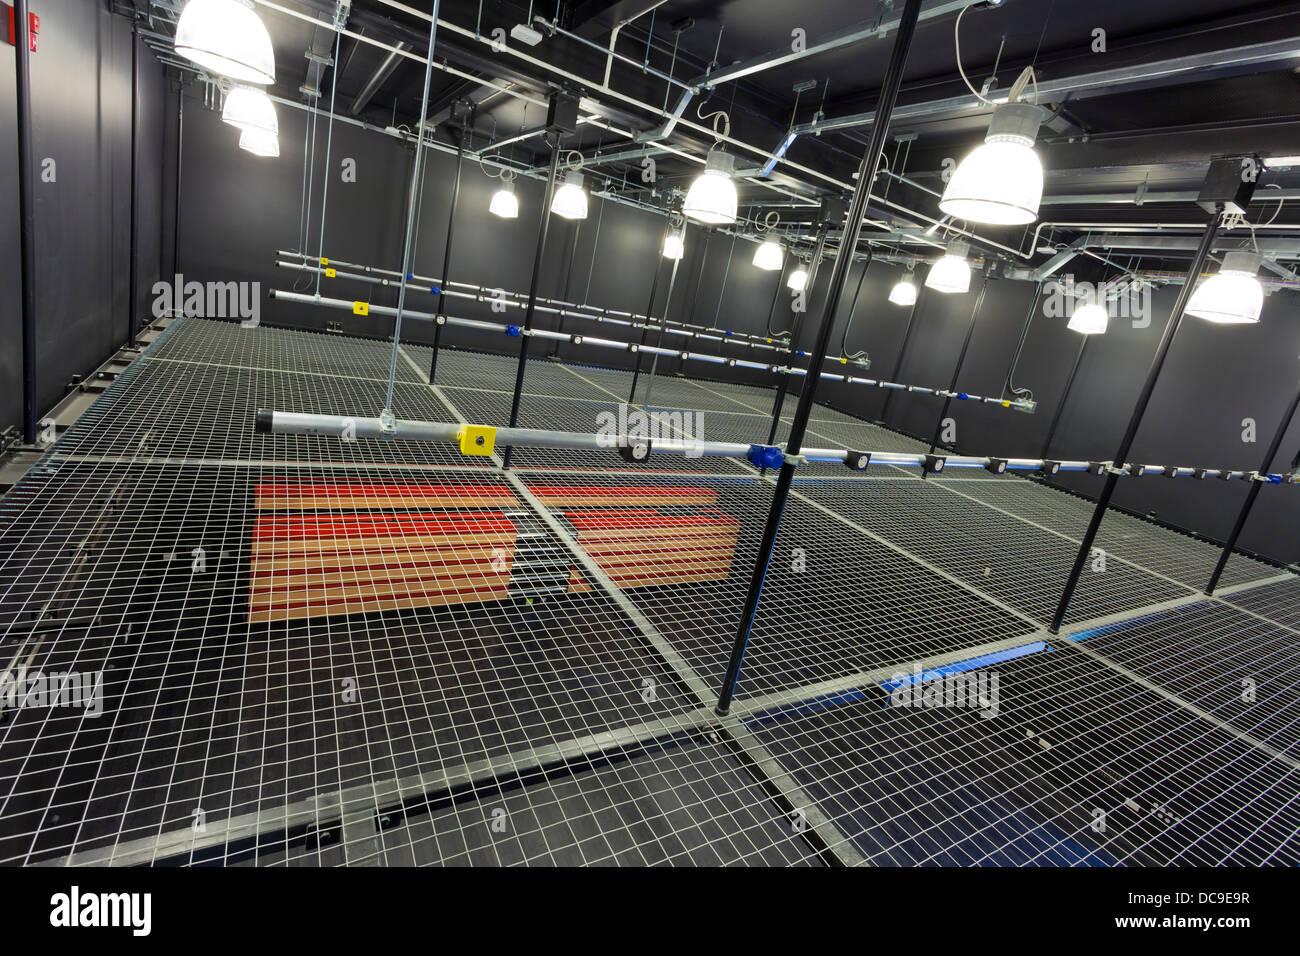 mesh mezzanine floor to access lighting rig in school theatre - Stock Image